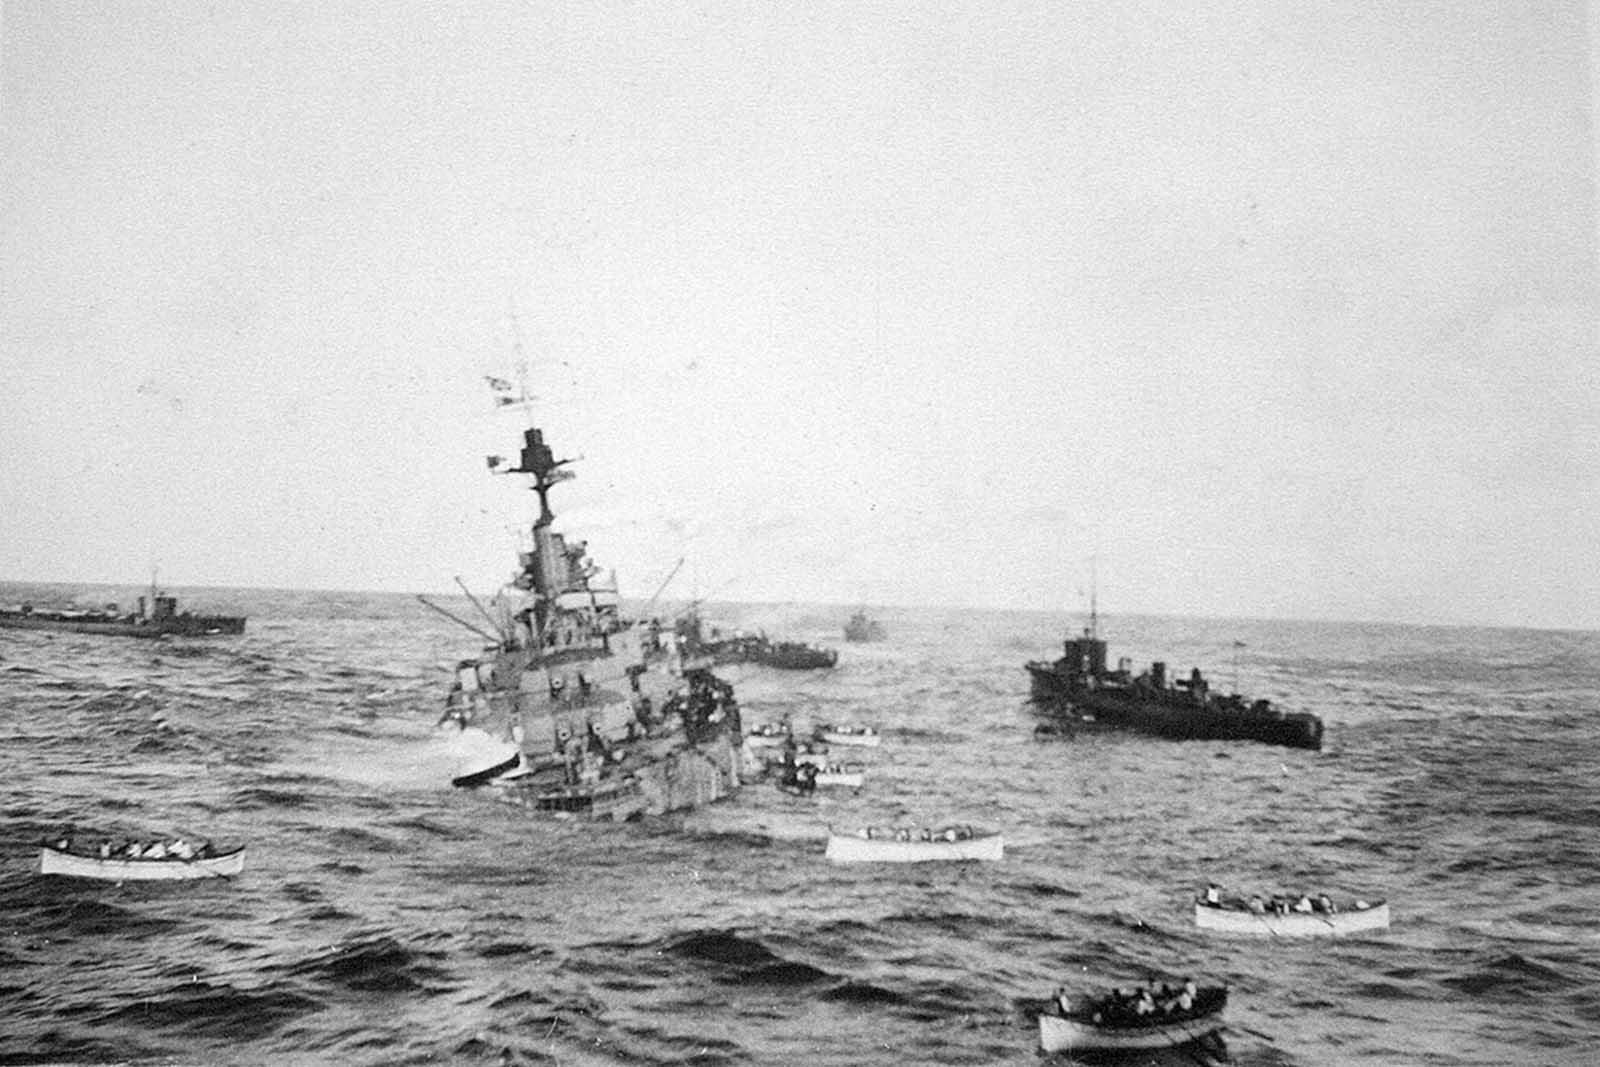 A HMS Audacious legénységének mentőcsónakjait az RMS Olympic fedélzetén kell tartani, 1914. október. Az Audacious egy brit csatahajó volt, amelyet egy német haditengerészeti akna süllyedt el az ír írországi Donegal északi partján.